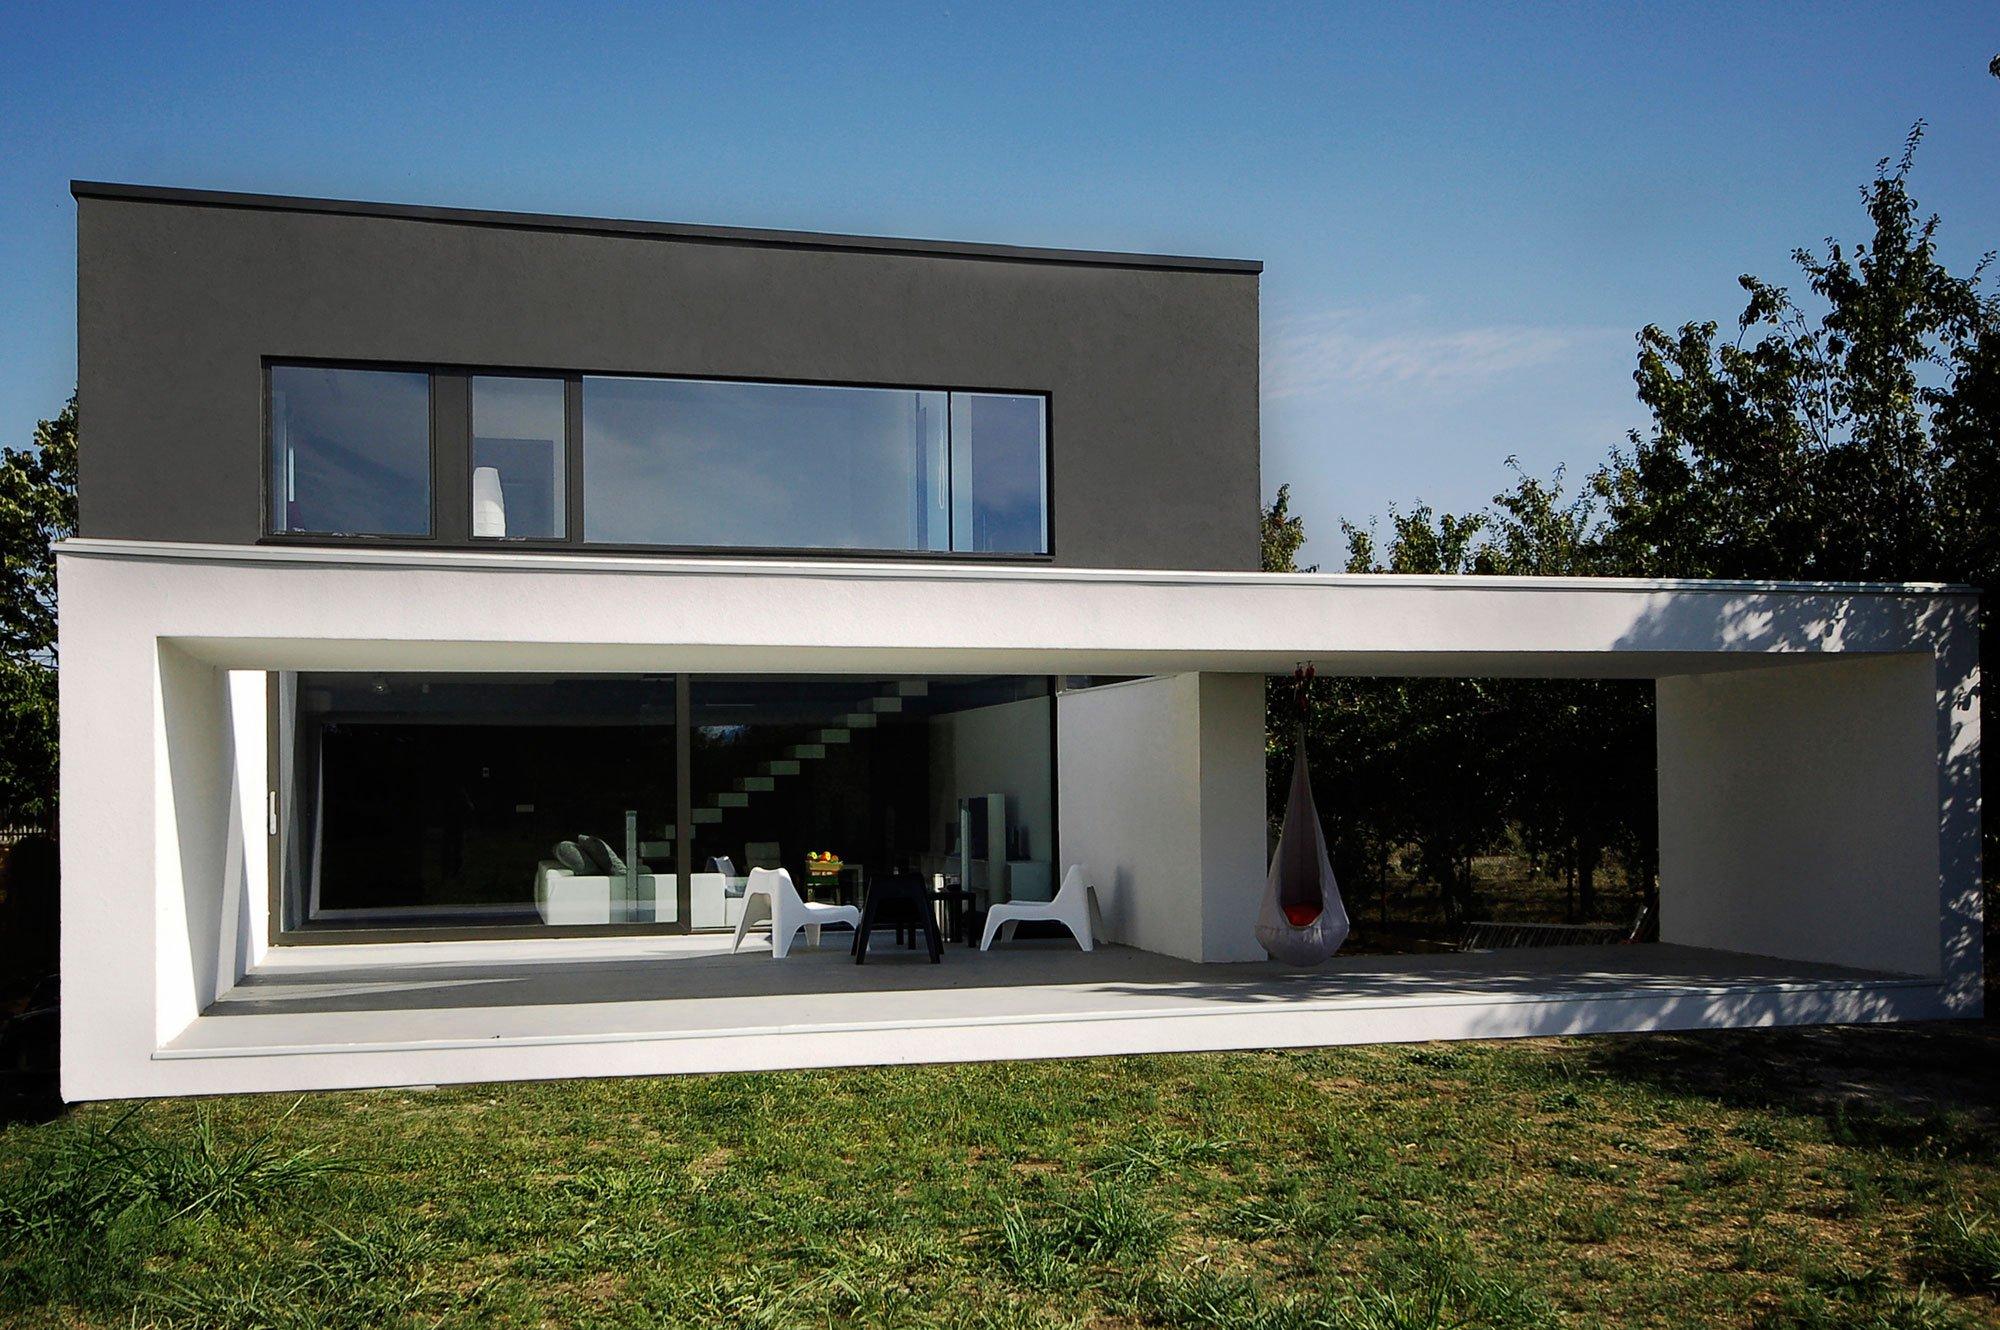 Fachada de casa de dos pisos en blanco y negro android - Casas de dos pisos ...